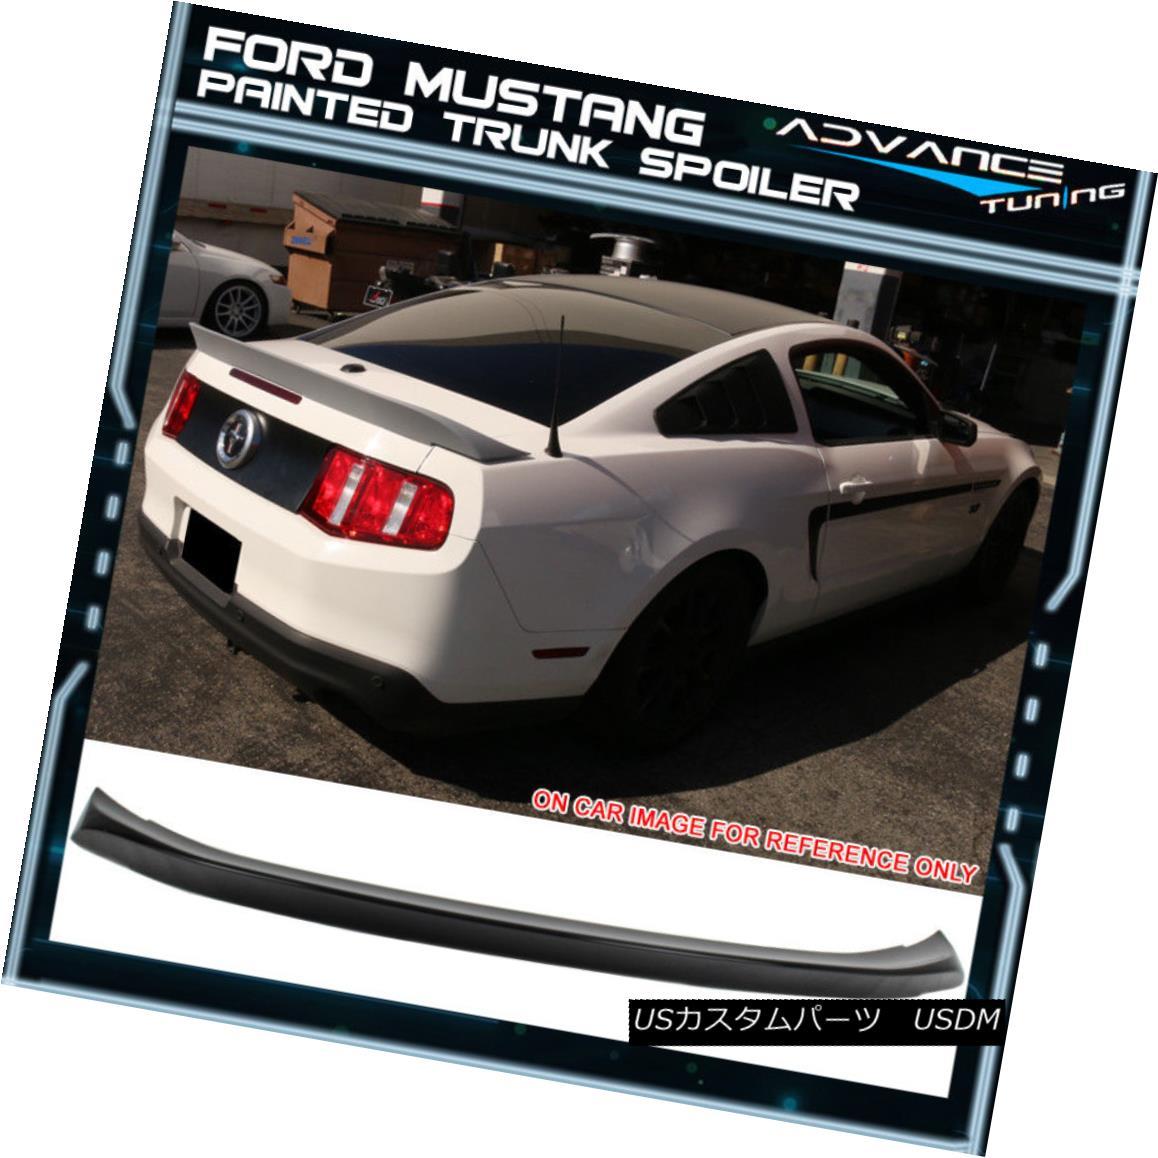 エアロパーツ 10-14 Ford Mustang D Style Trunk Spoiler OEM Painted Color Ebony # UA 10-14フォードマスタングDスタイルのトランク・スポイラーOEM塗装カラーエボニー#UA